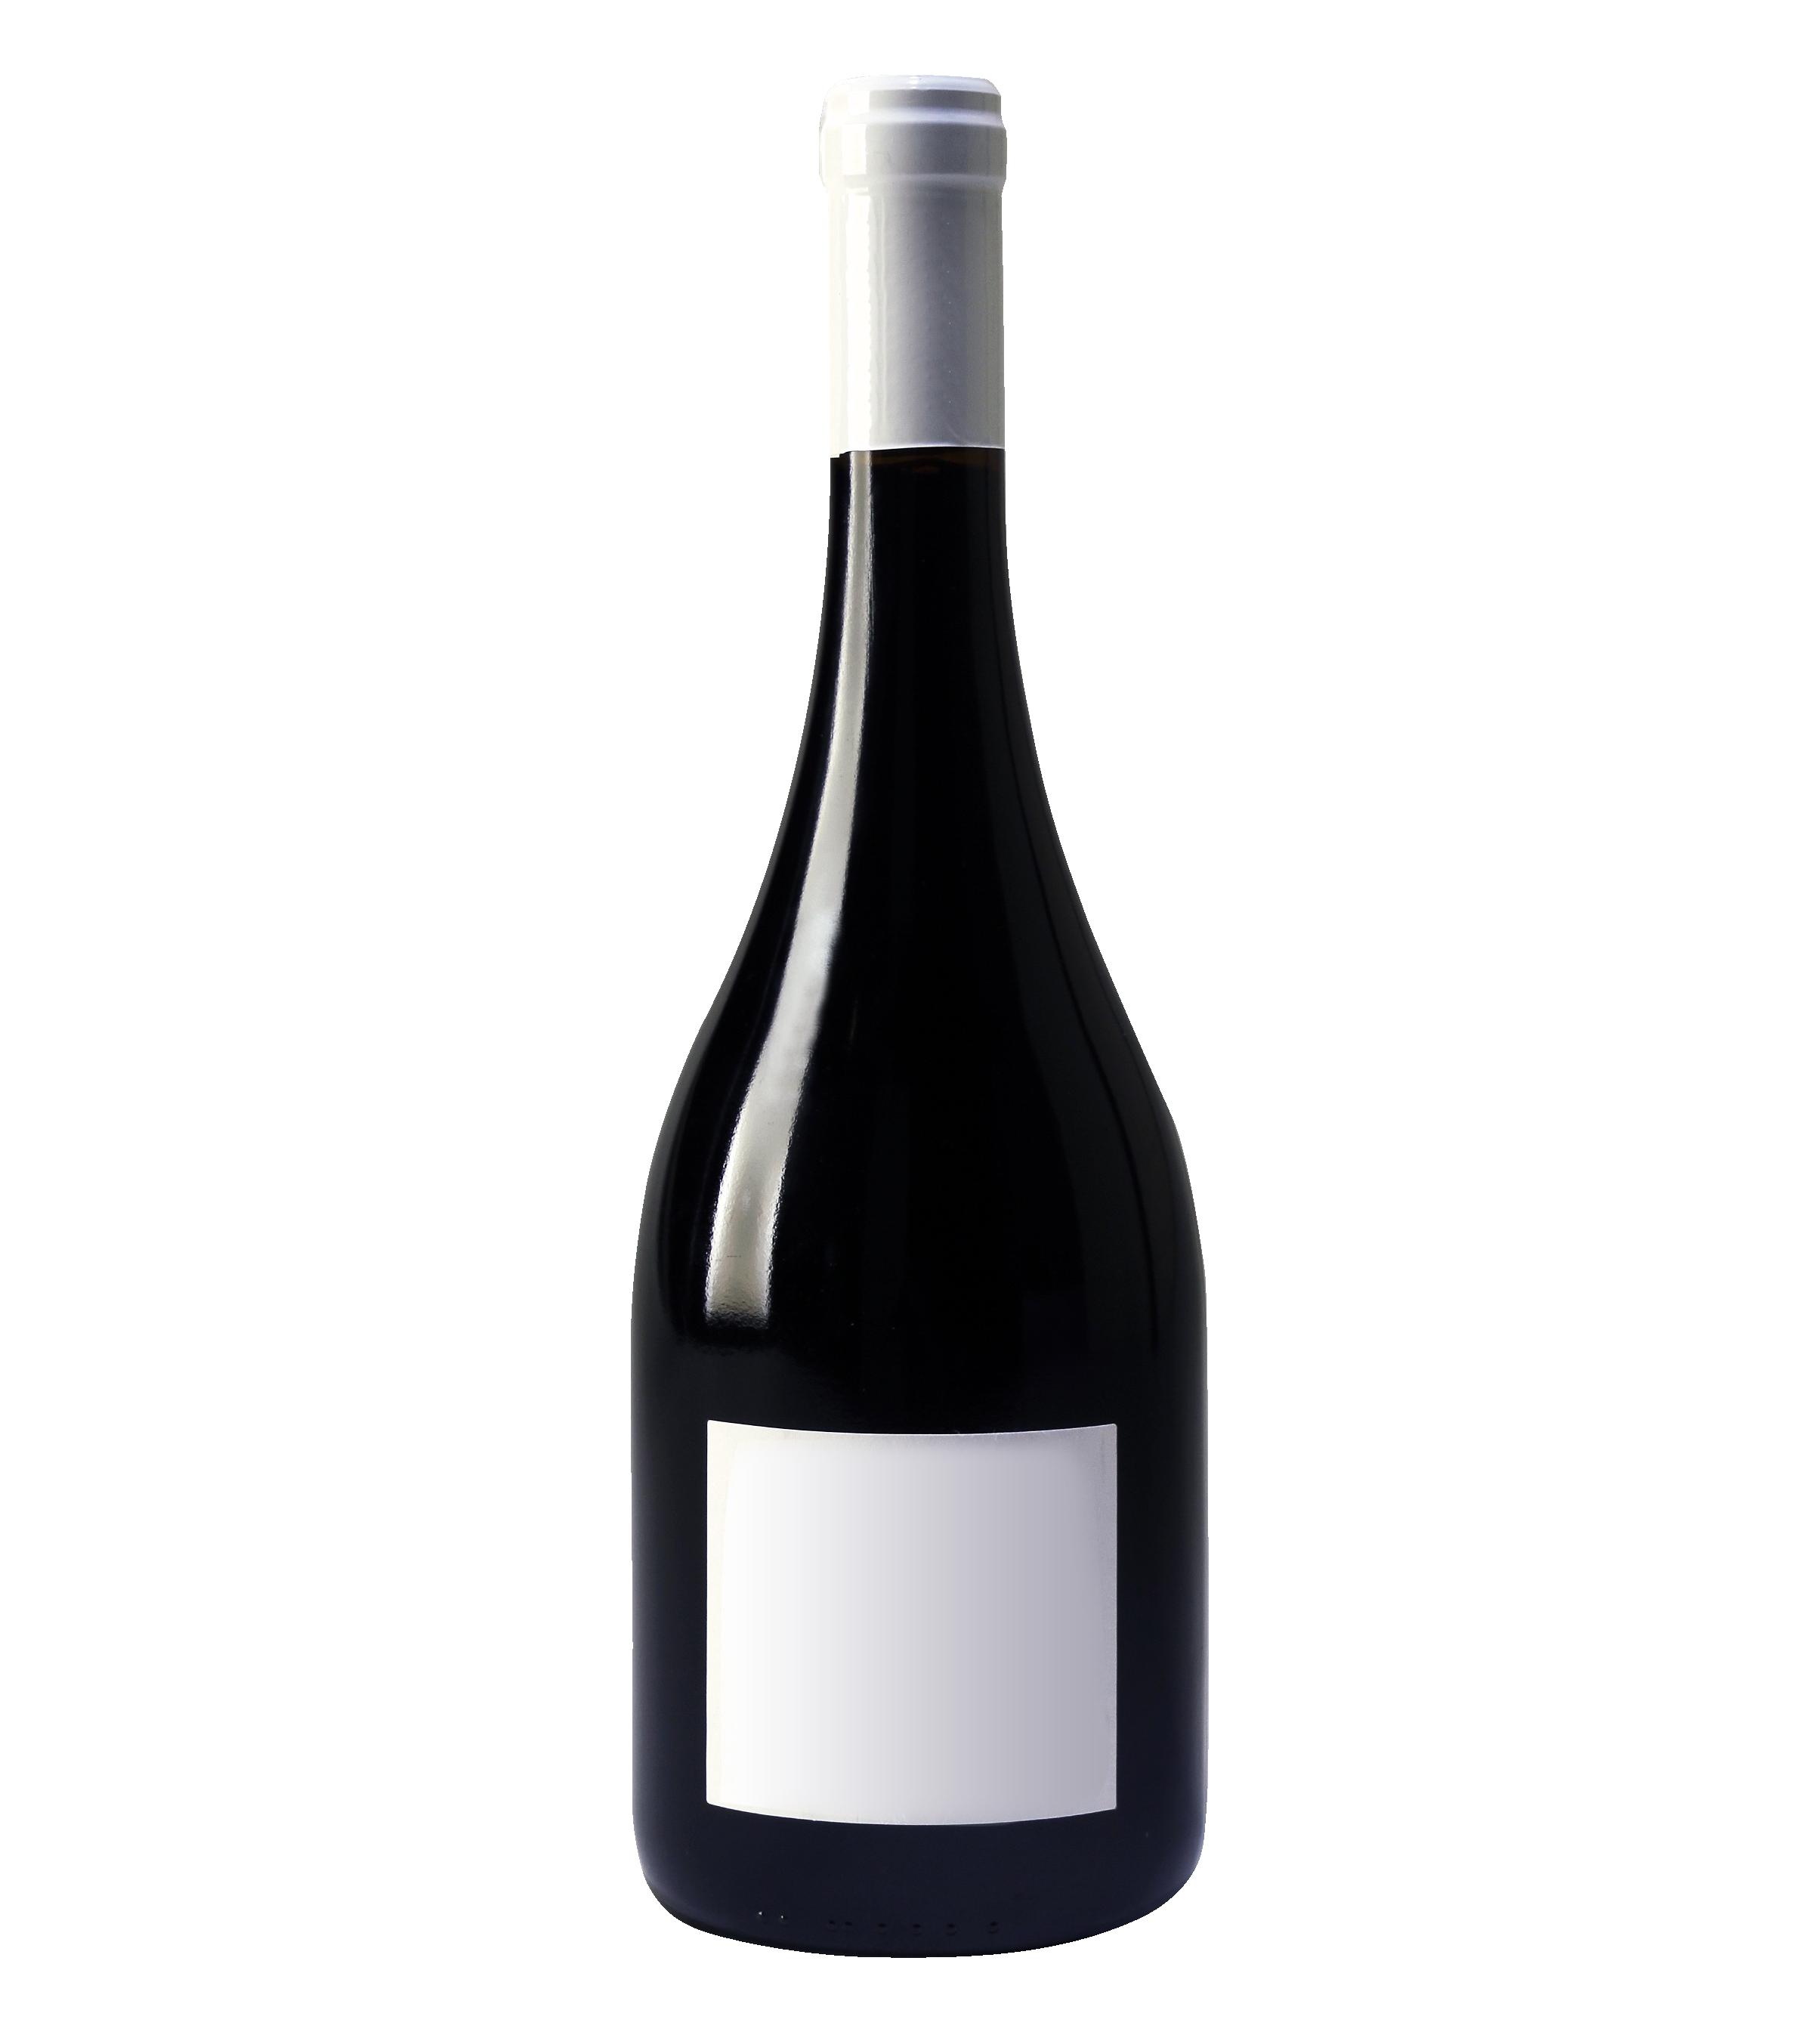 Wine Bottle PNG Image.